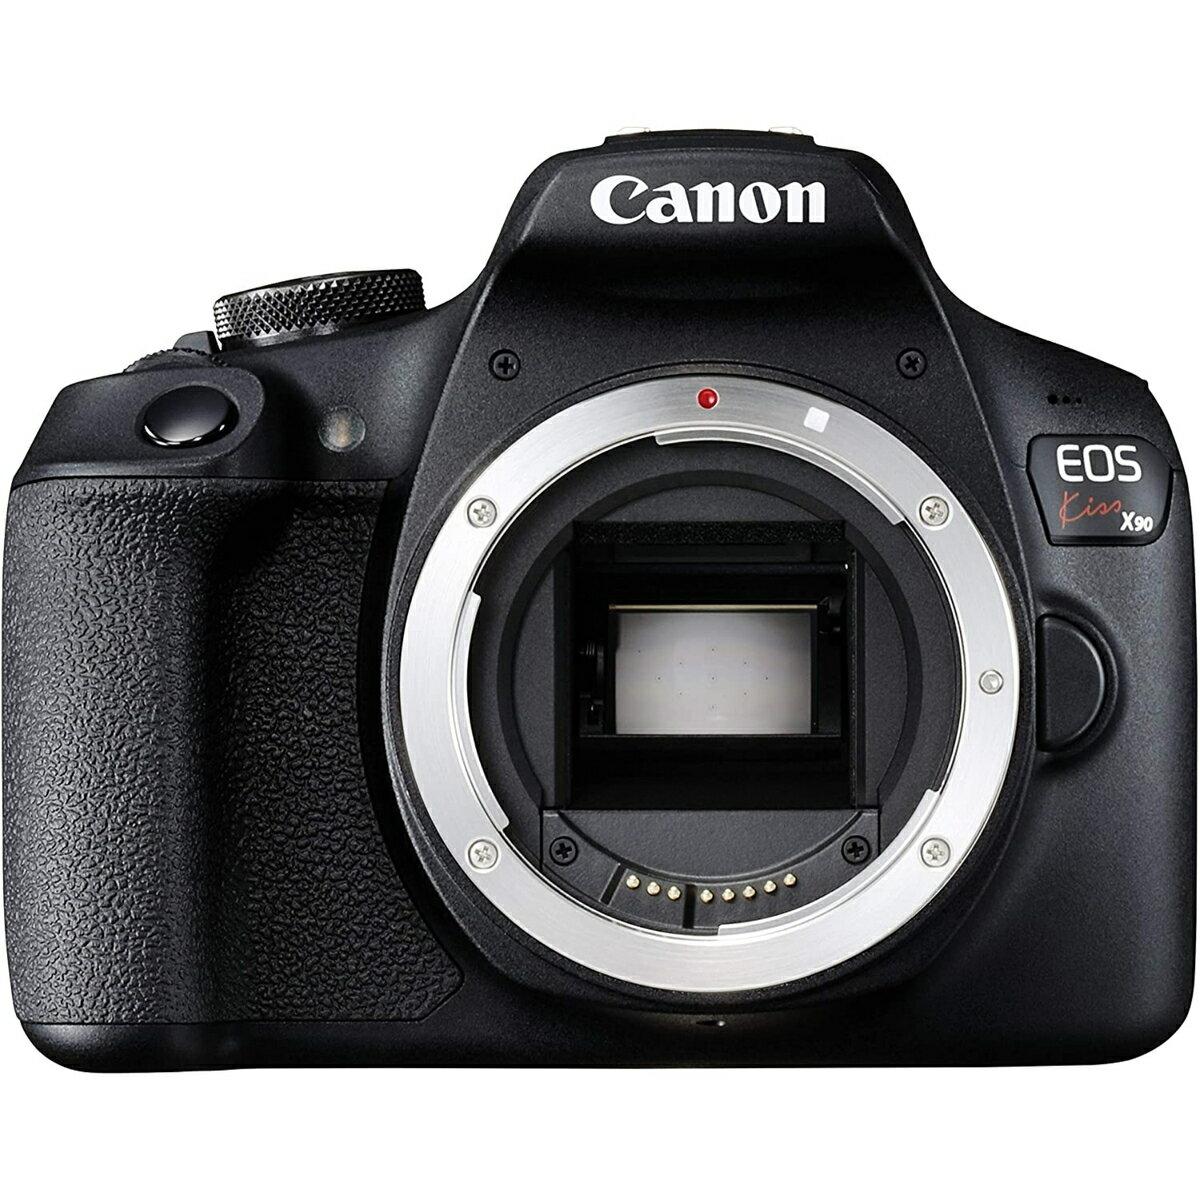 デジタルカメラ, デジタル一眼レフカメラ Canon EOS Kiss X90